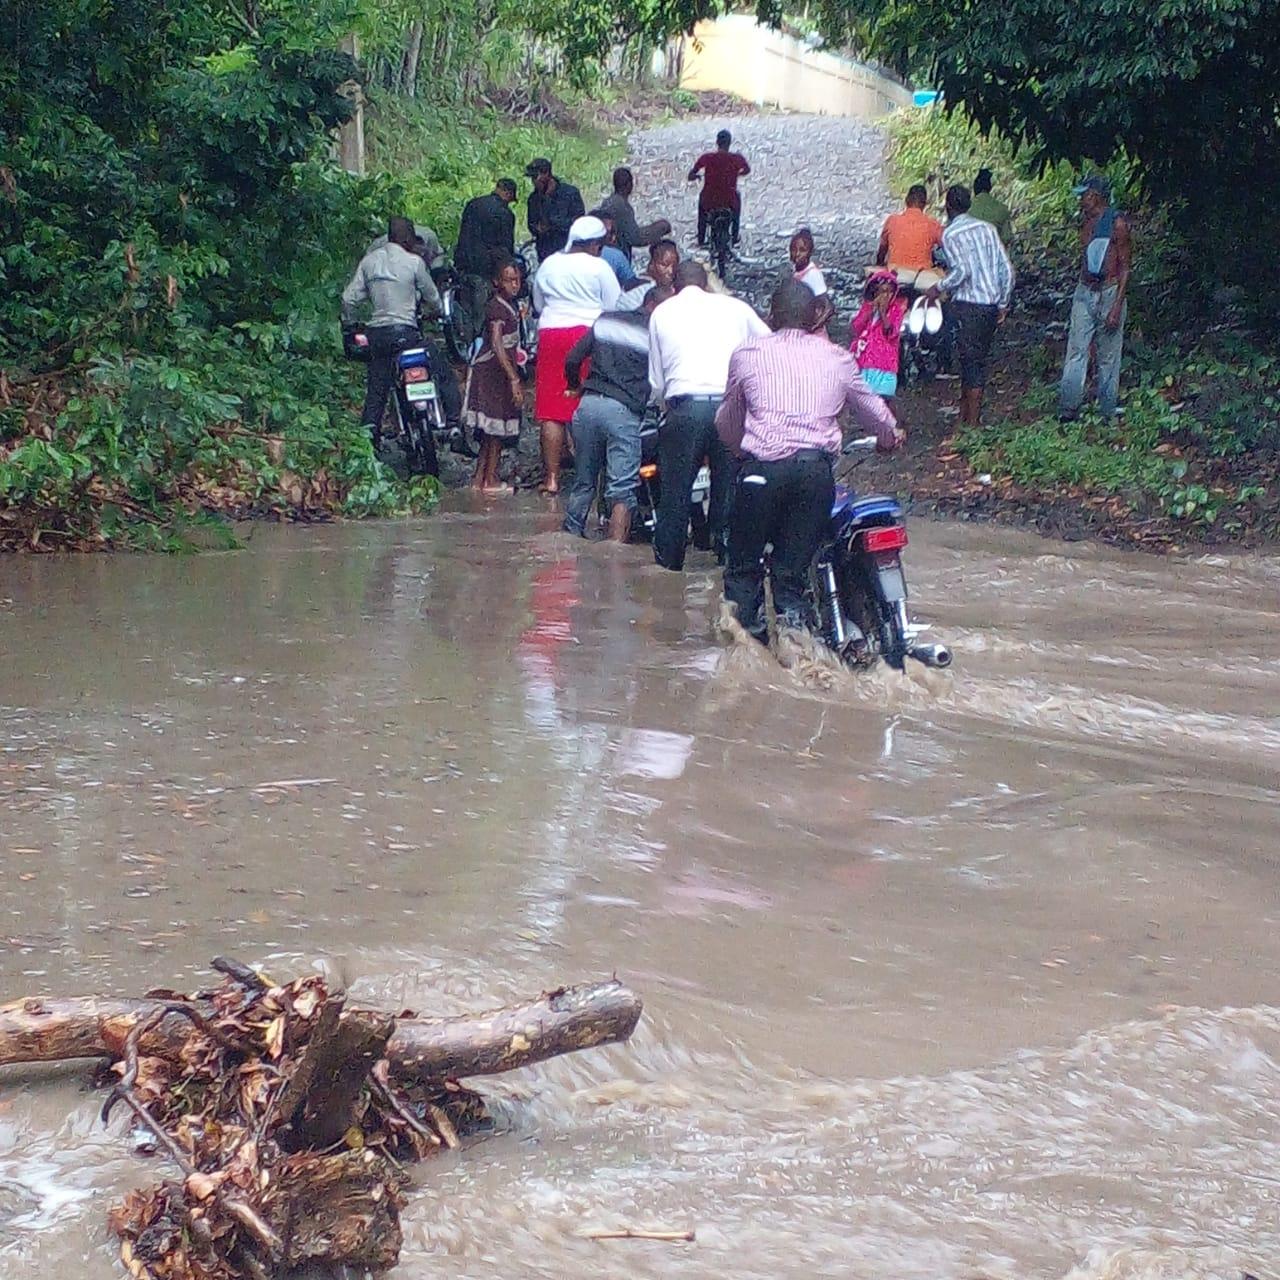 (VIDEO) Aguaceros generan inundaciones, desbordamientos de arroyos y ríos en Hato Mayor